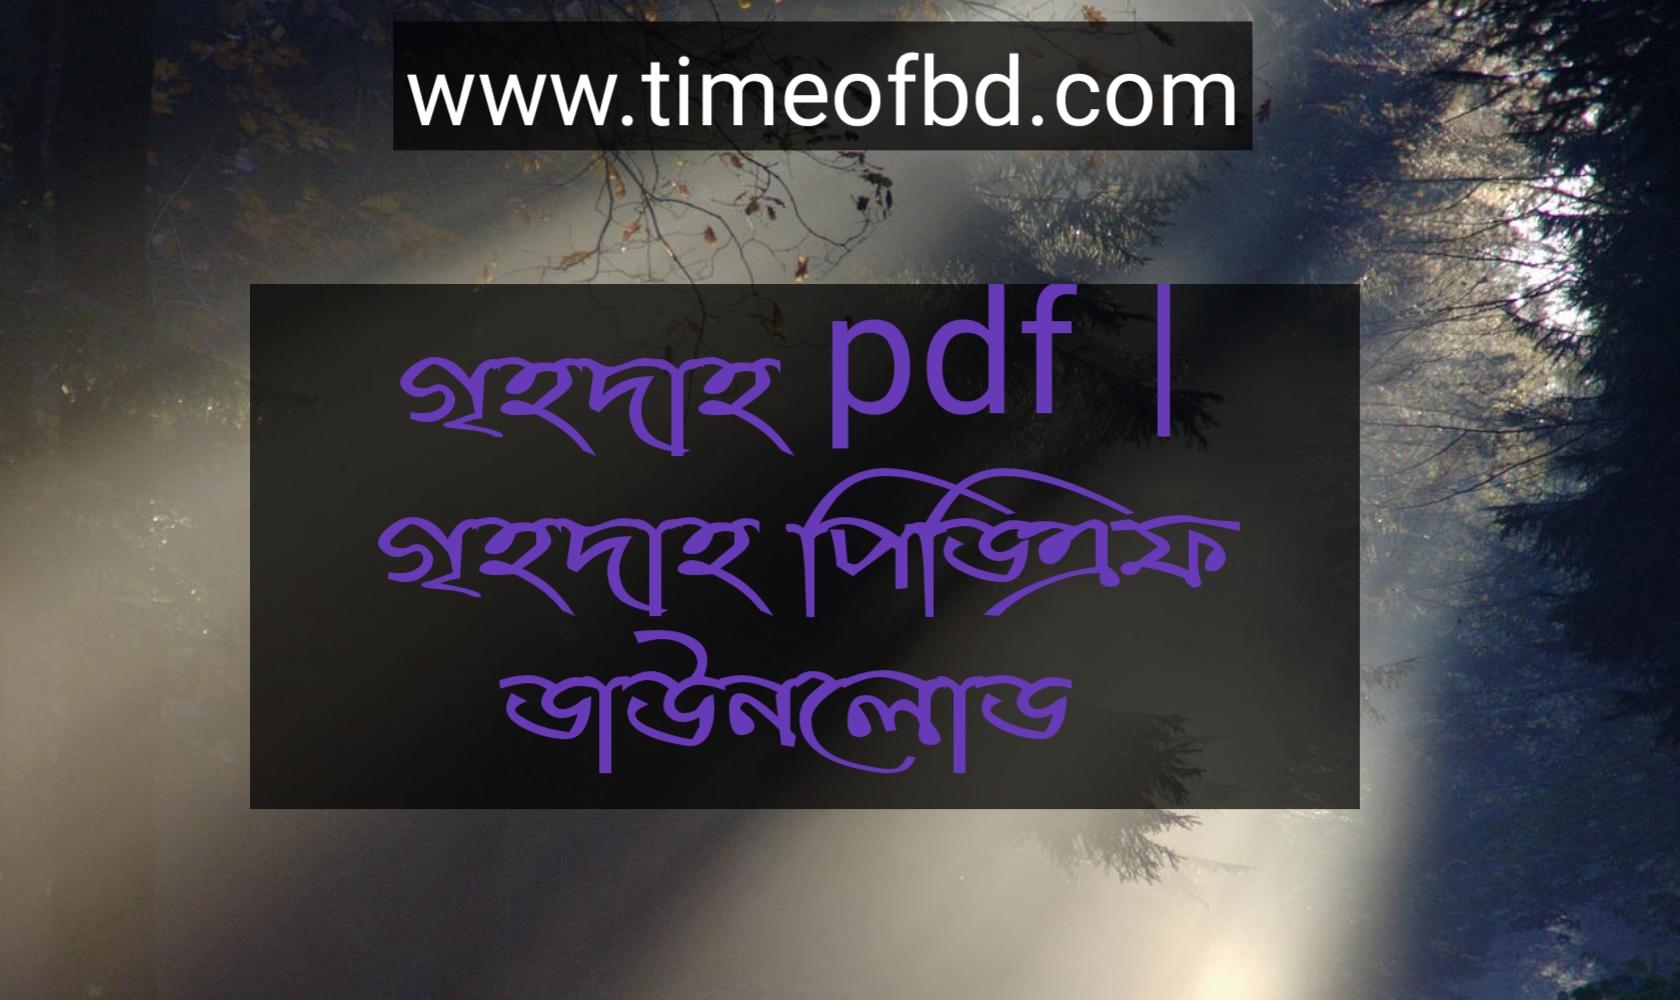 গৃহদাহ pdf, গৃহদাহ পিডিএফ ডাউনলোড, গৃহদাহ পিডিএফ, গৃহদাহ pdf download,